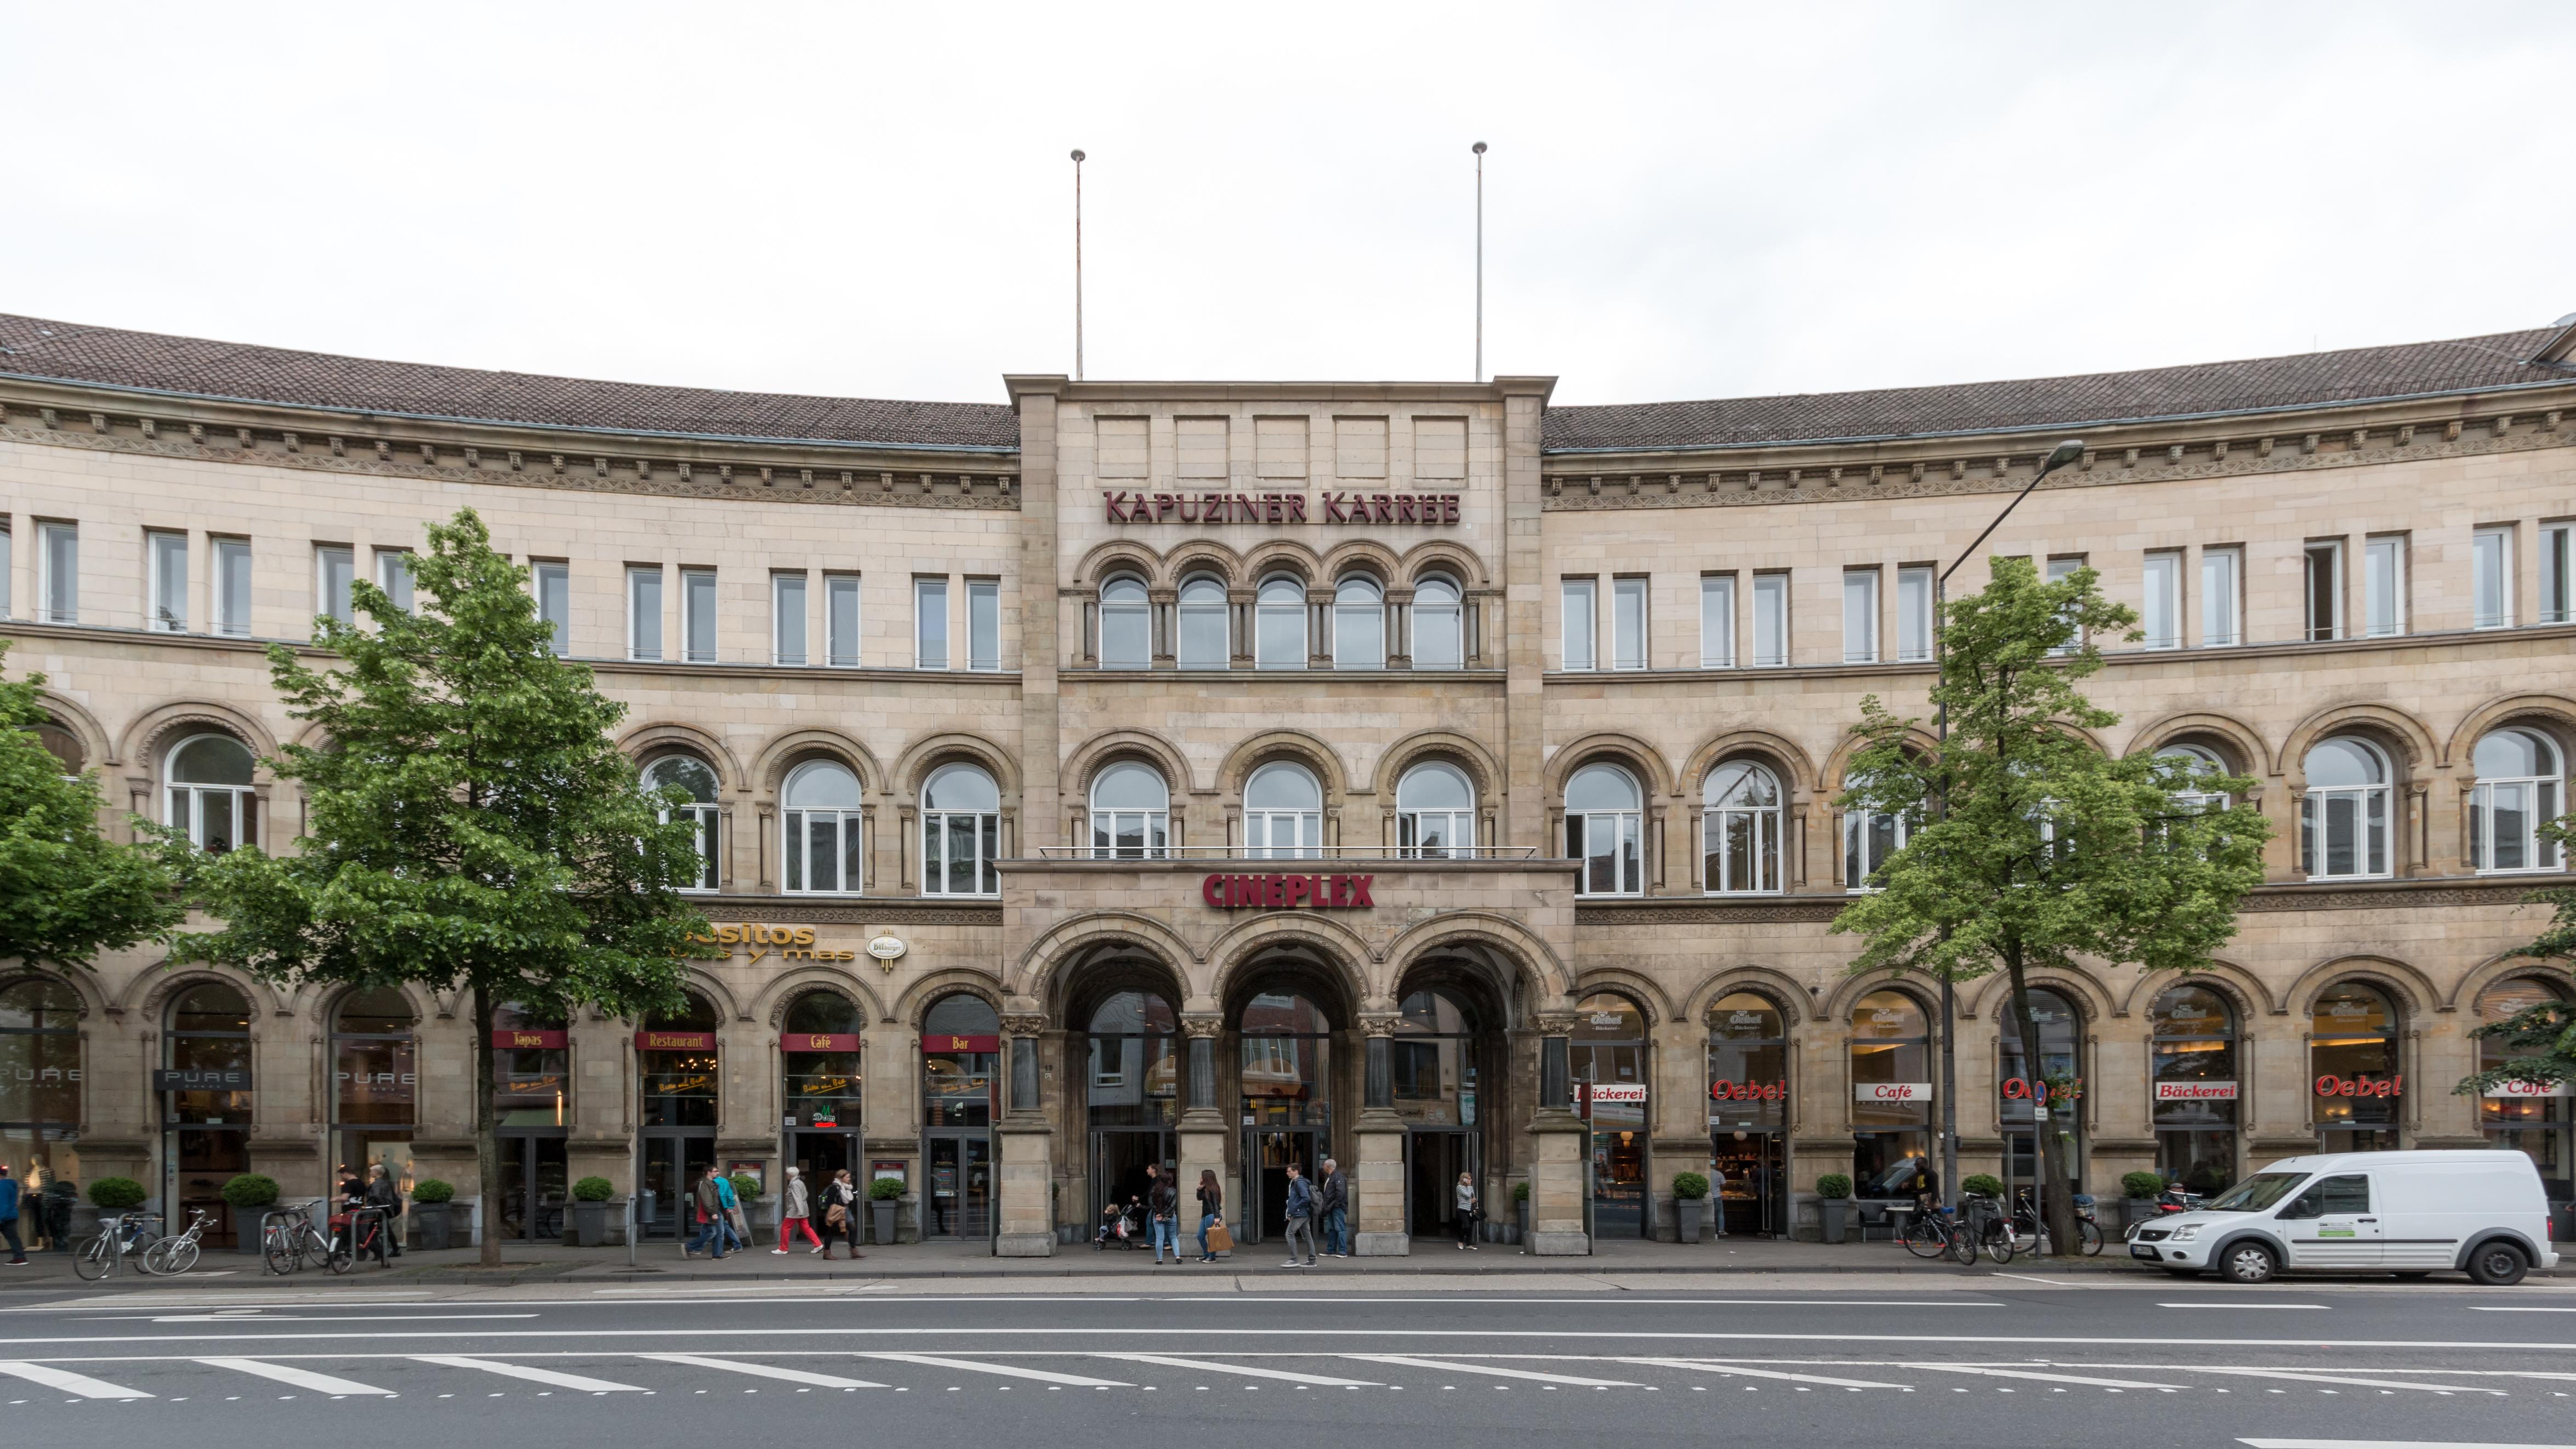 Aachen: Wikivoyage